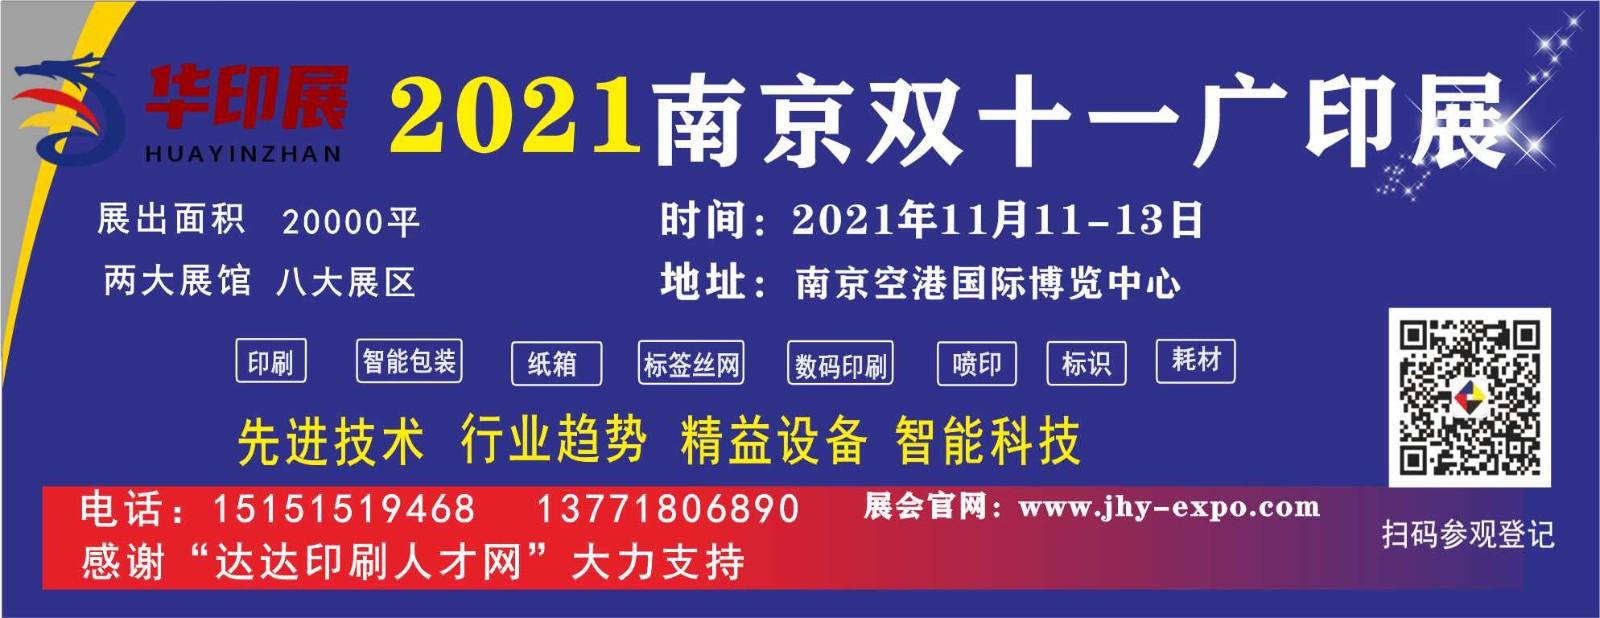 南京双十一广印展